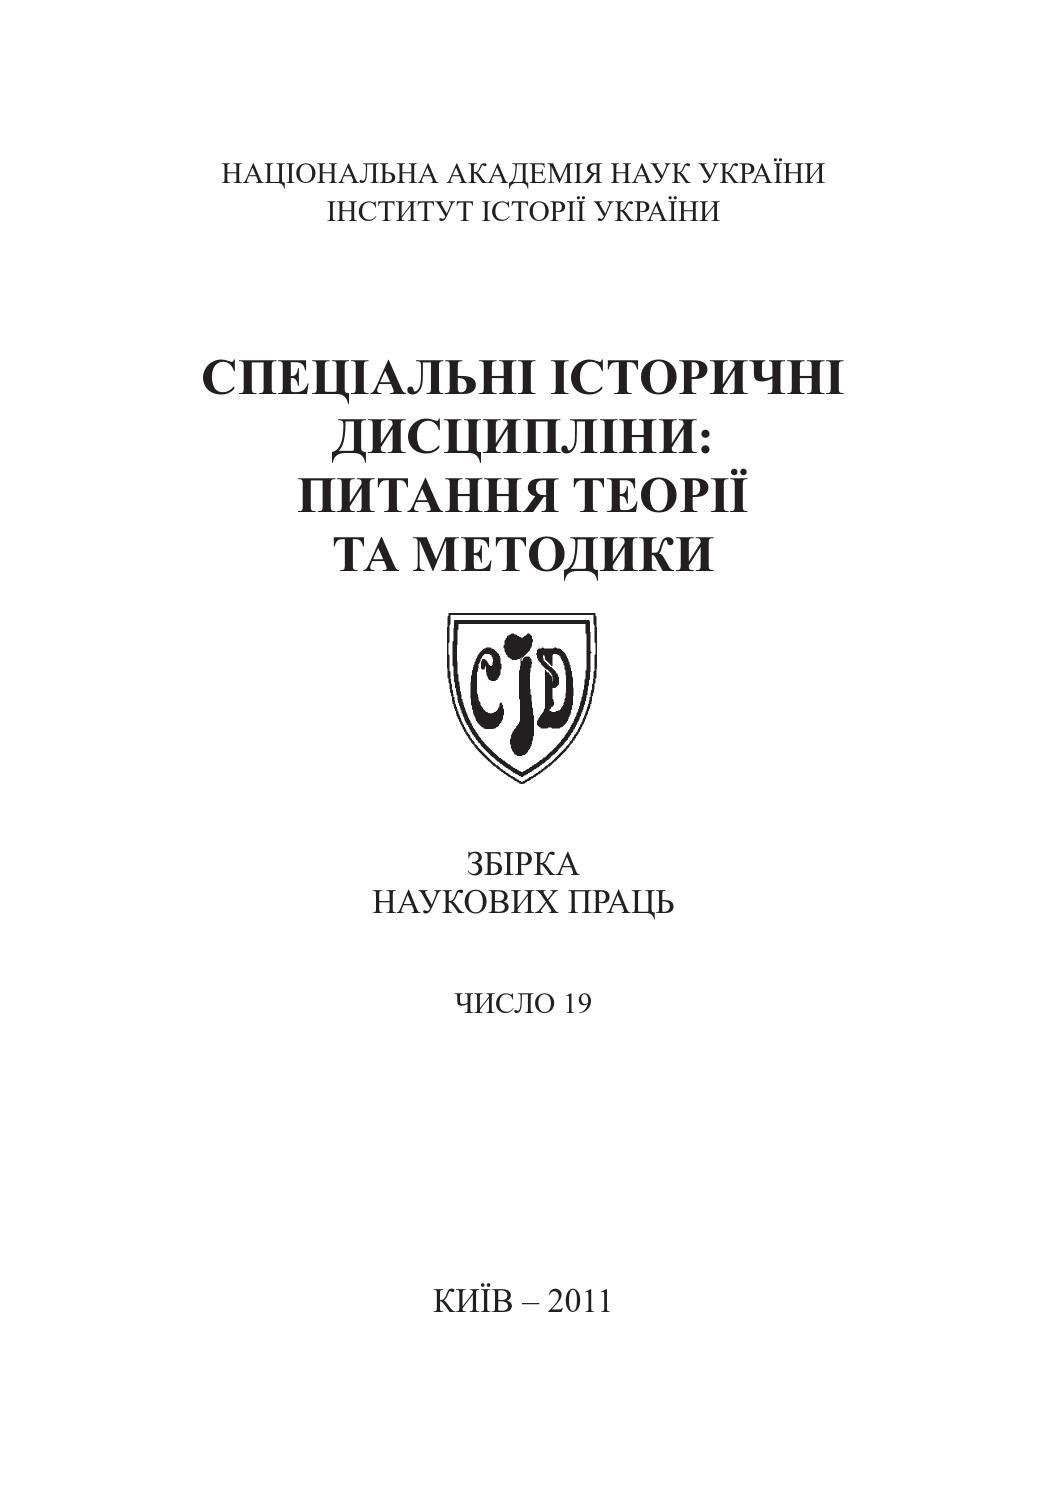 СПЕЦІАЛЬНІ ІСТОРИЧНІ ДИСЦИПЛІНИ  ПИТАННЯ ТЕОРІЇ ТА МЕТОДИКИ by Watra - issuu af3269fc7b179